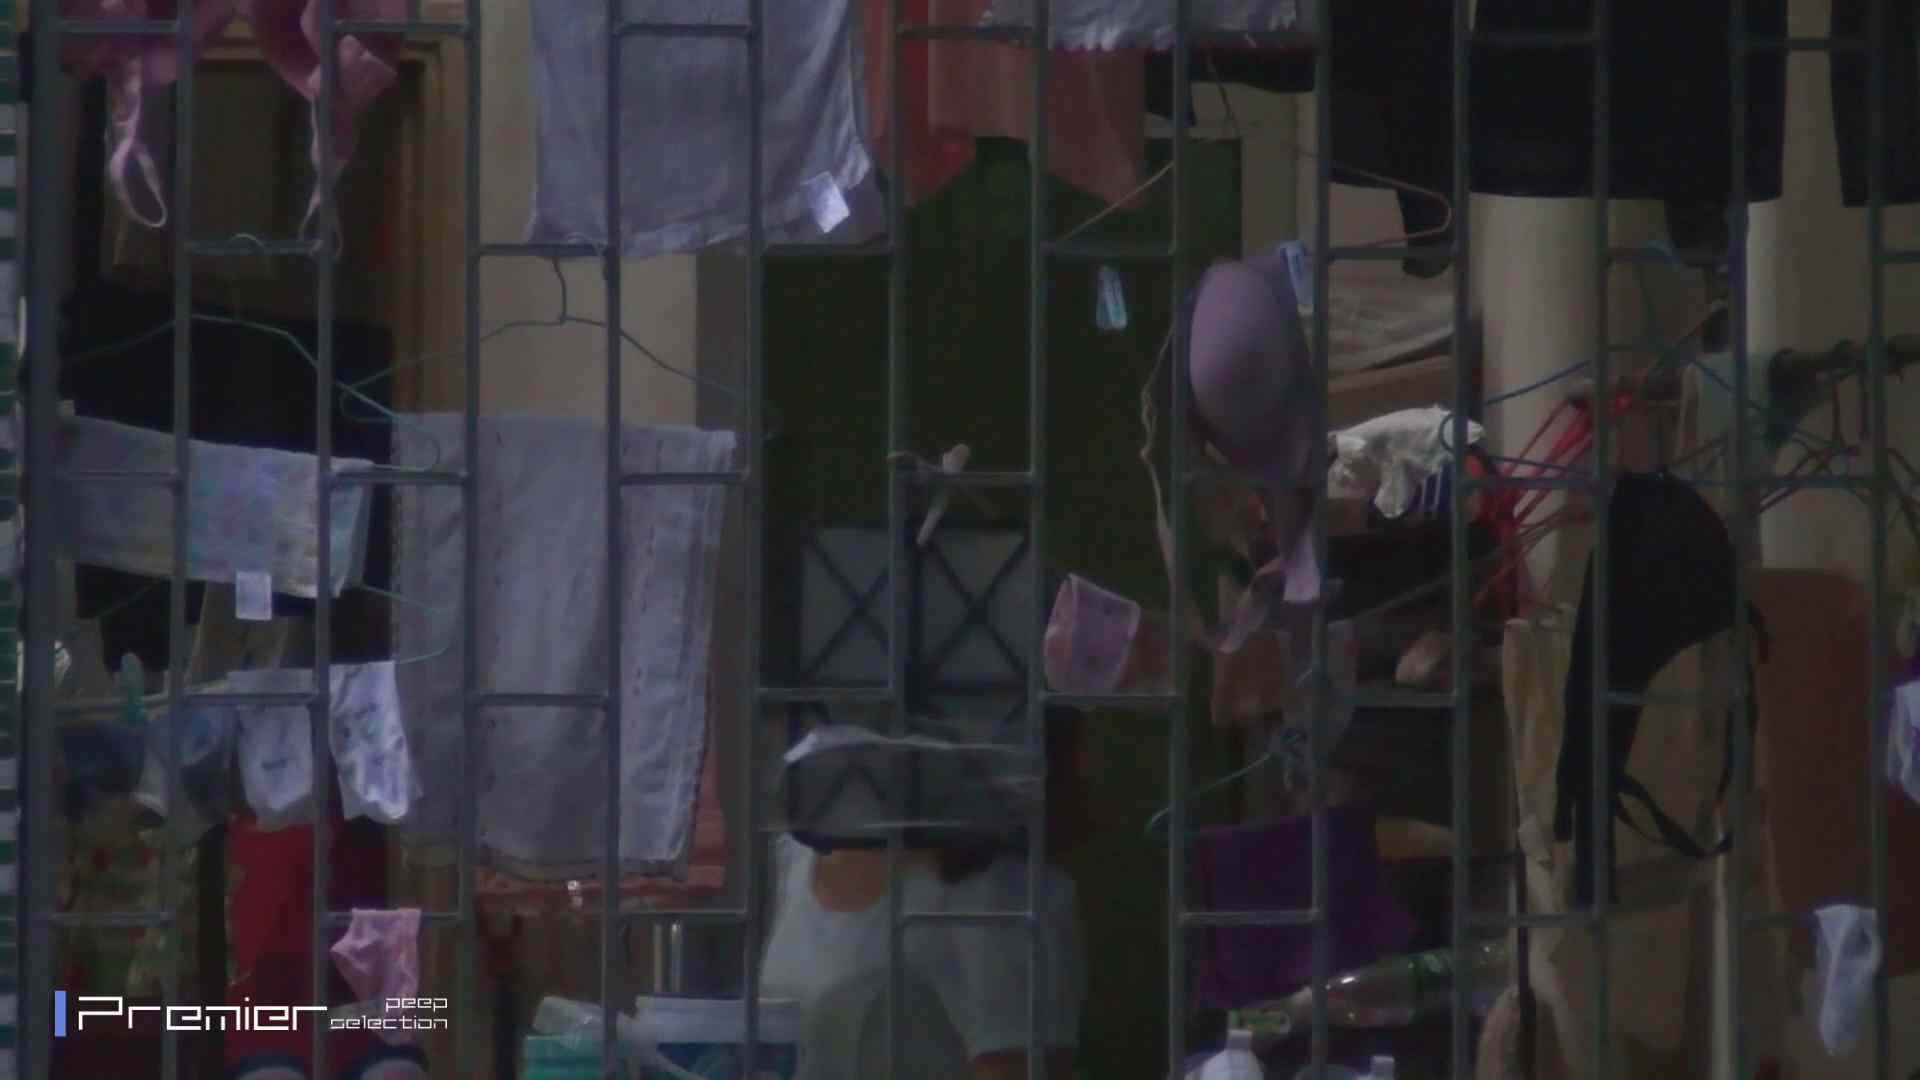 激撮り美女の洗顔シーン Vol.05 美女の痴態に密着! 美女 われめAV動画紹介 92画像 25